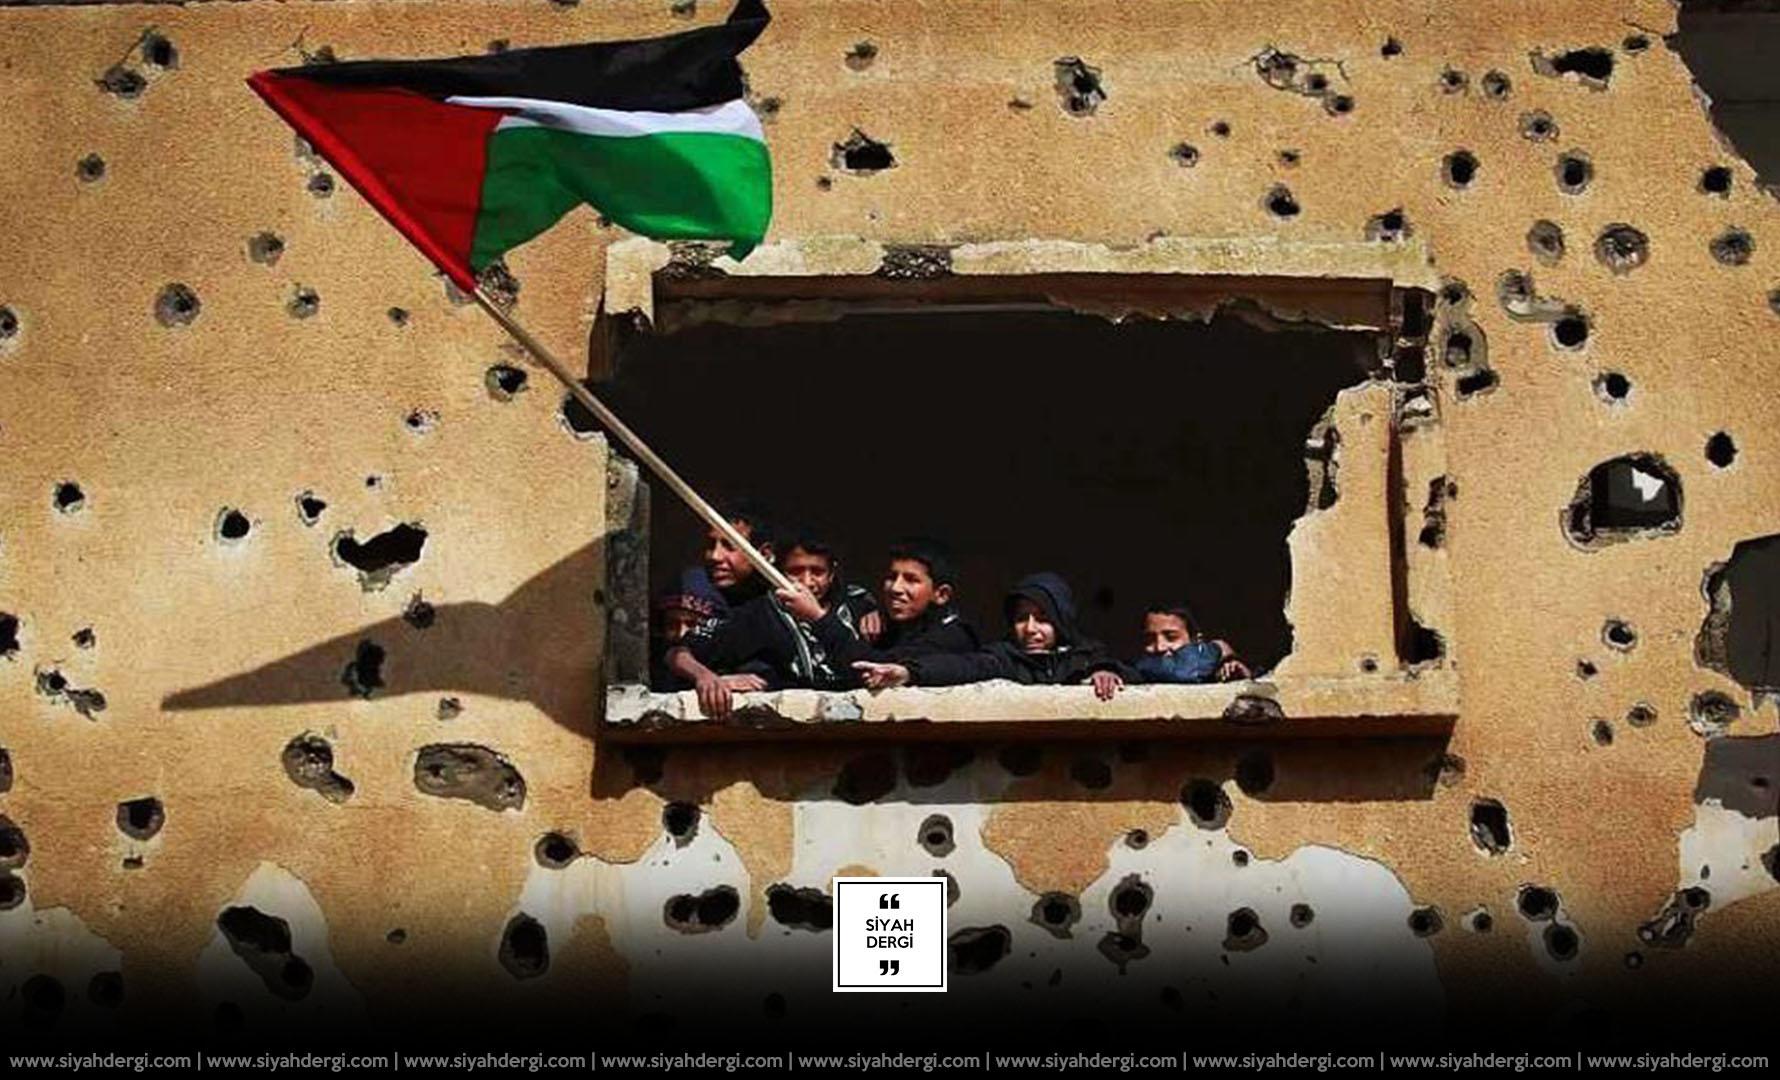 Bir İnsanlık Dramı Hakkında: Filistin'deki Saldırılar